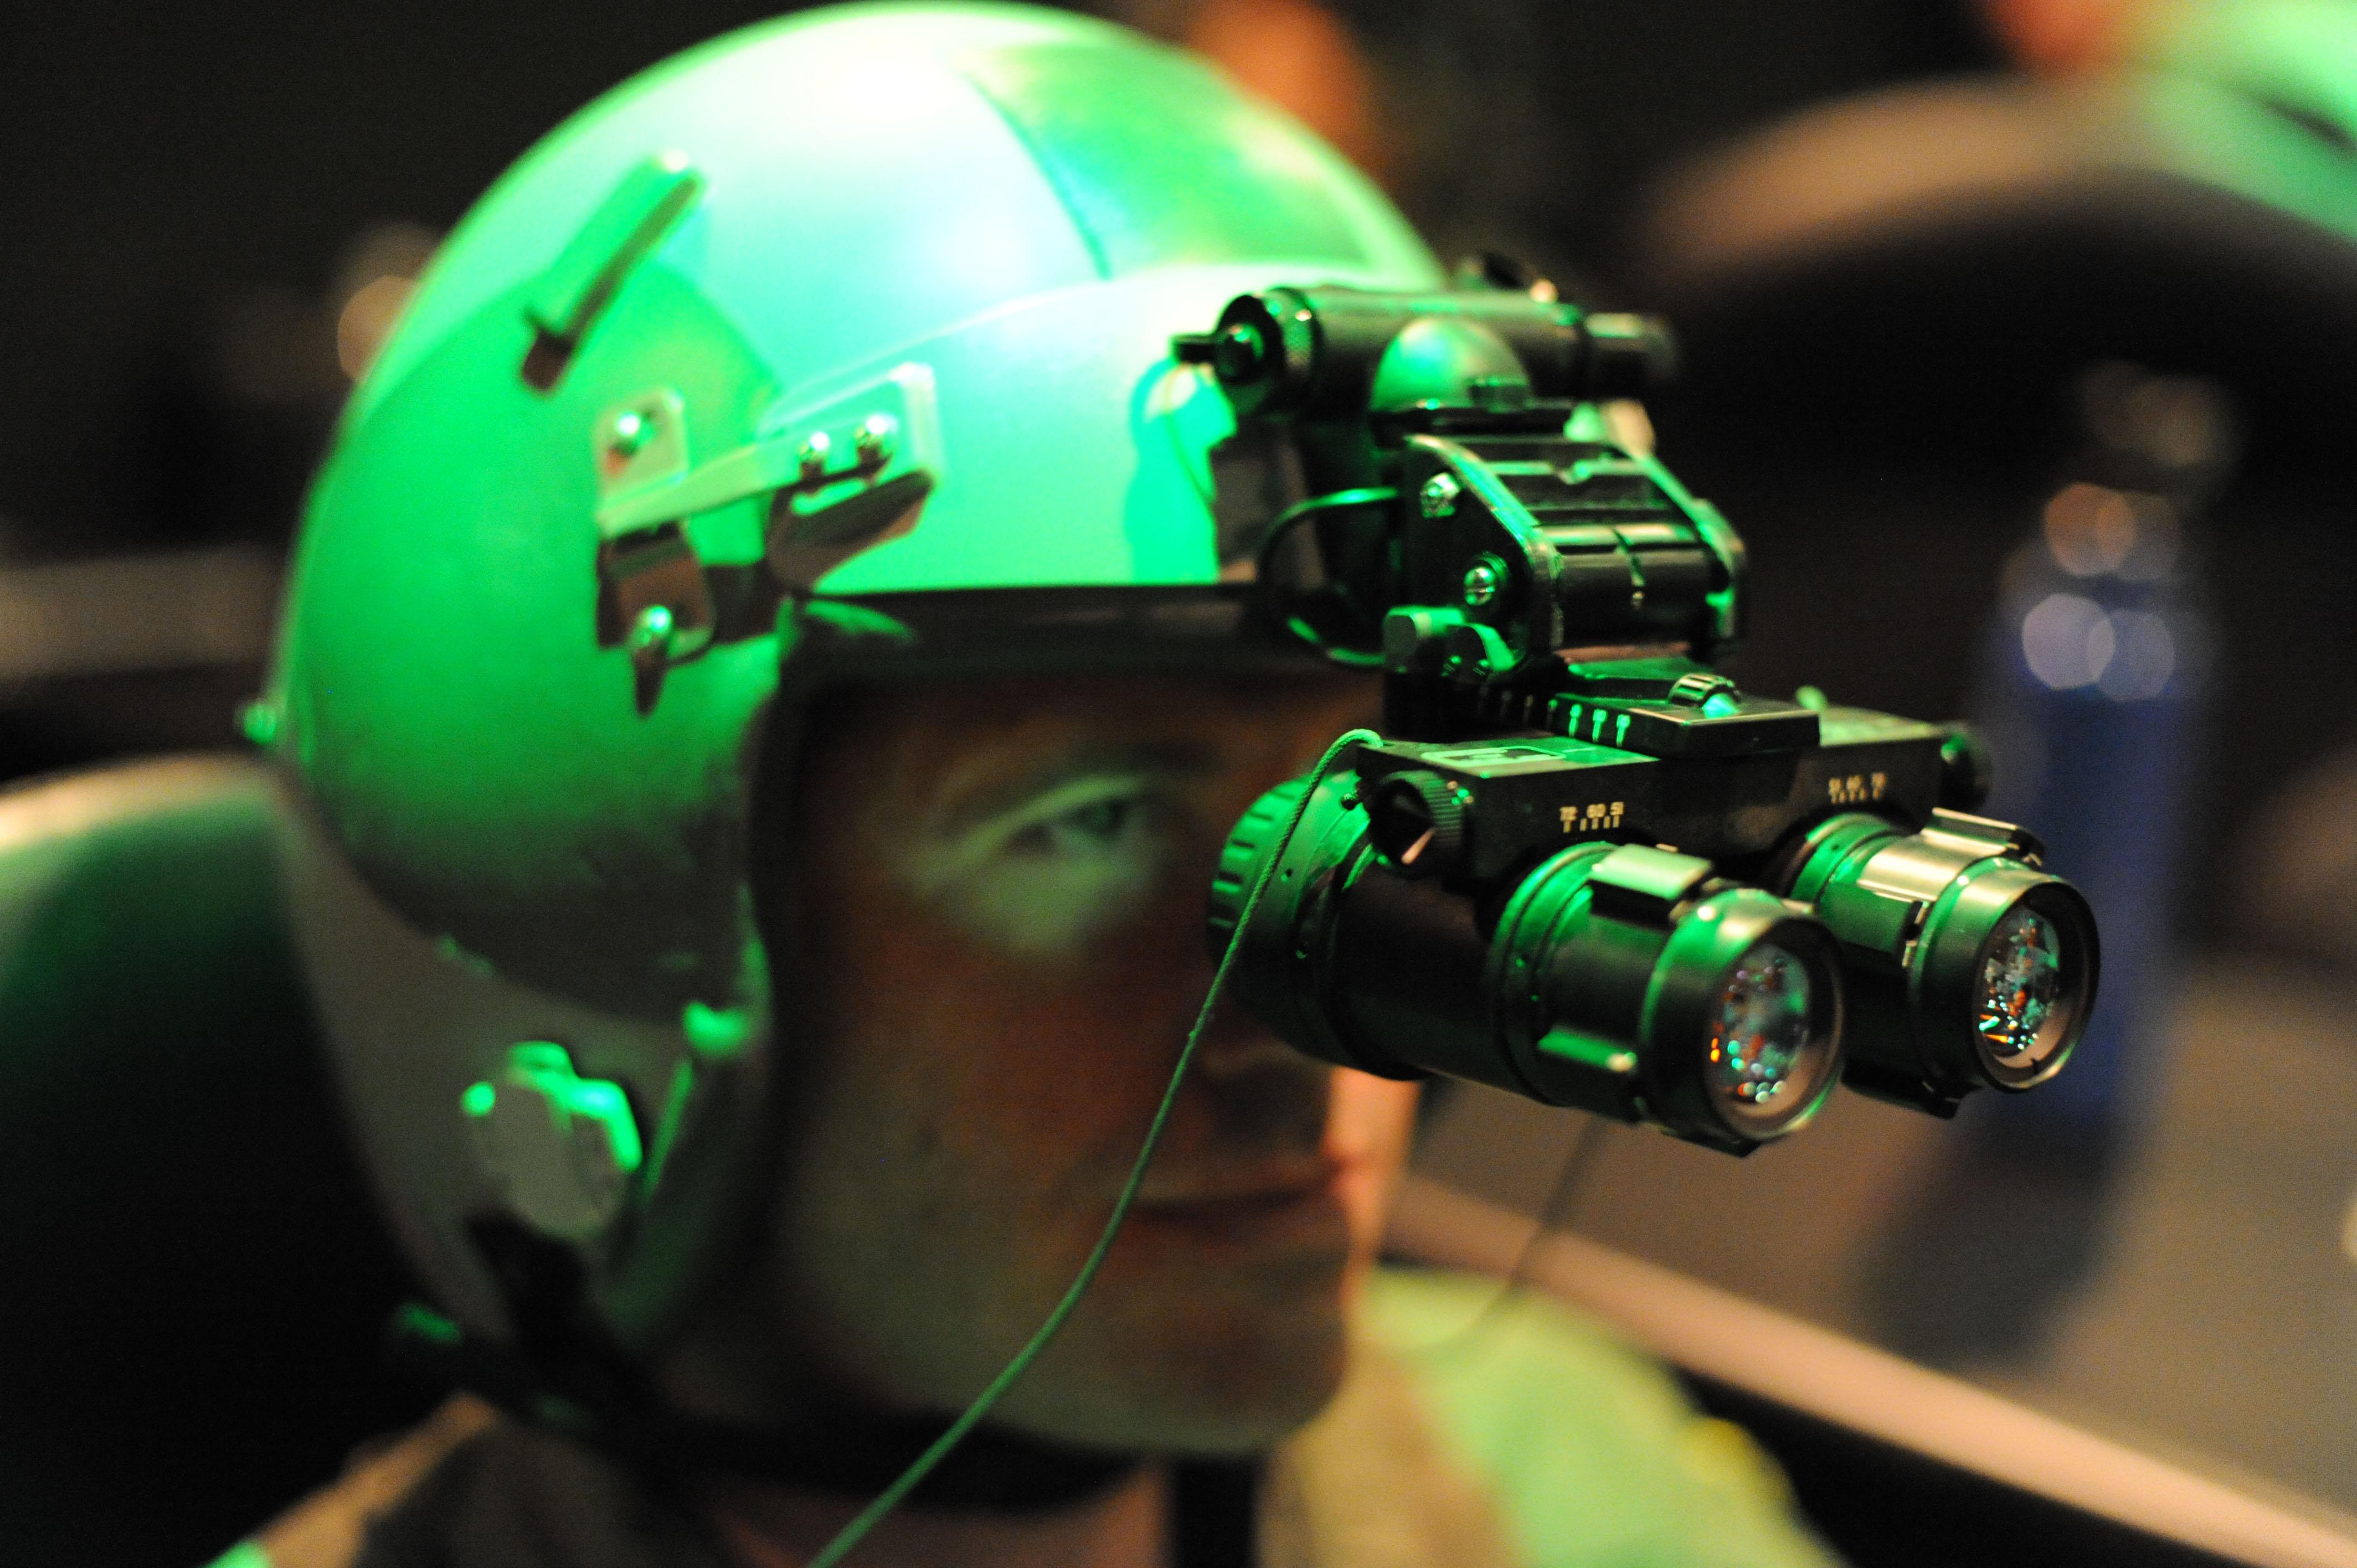 Night Eyes Night Vision System